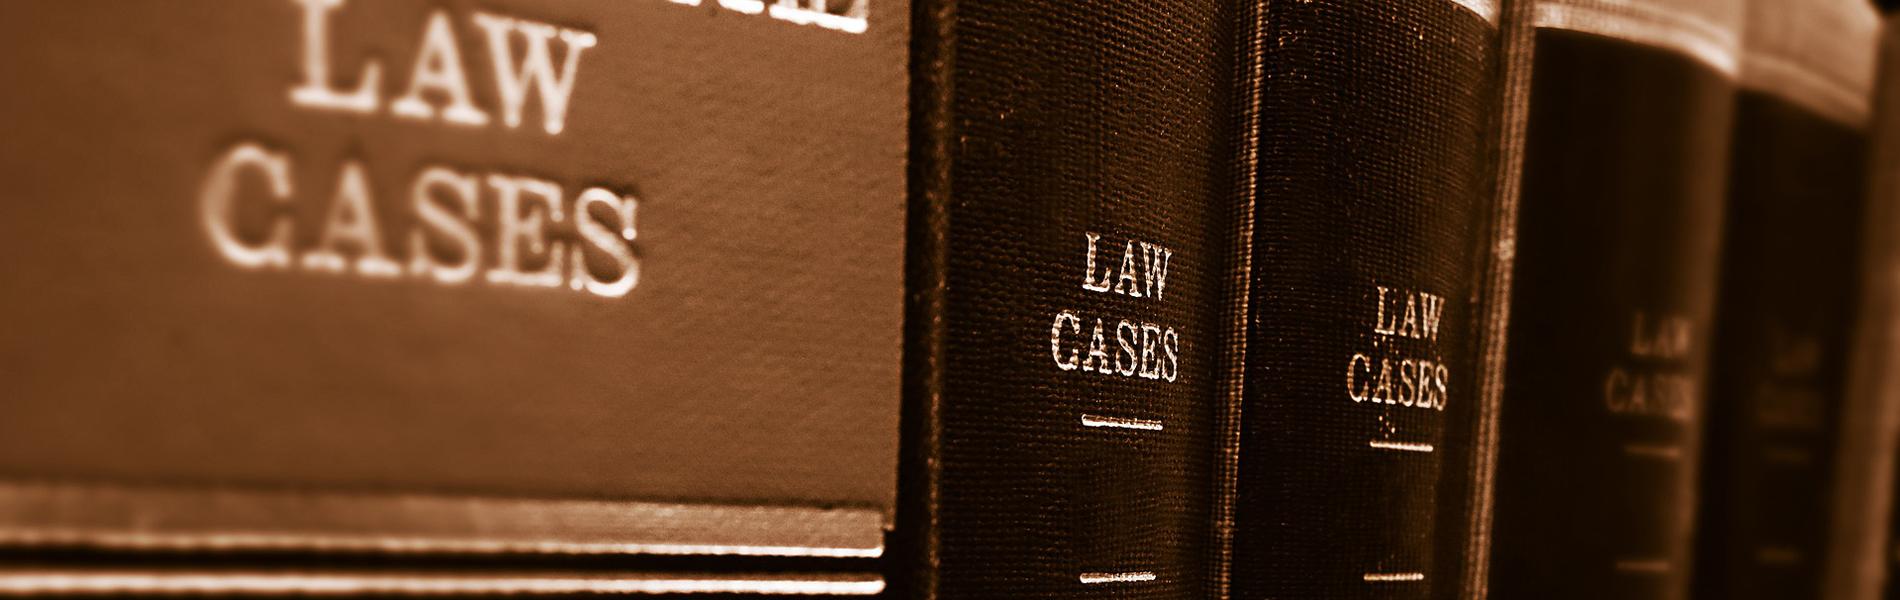 法律事務所のイメージ画像